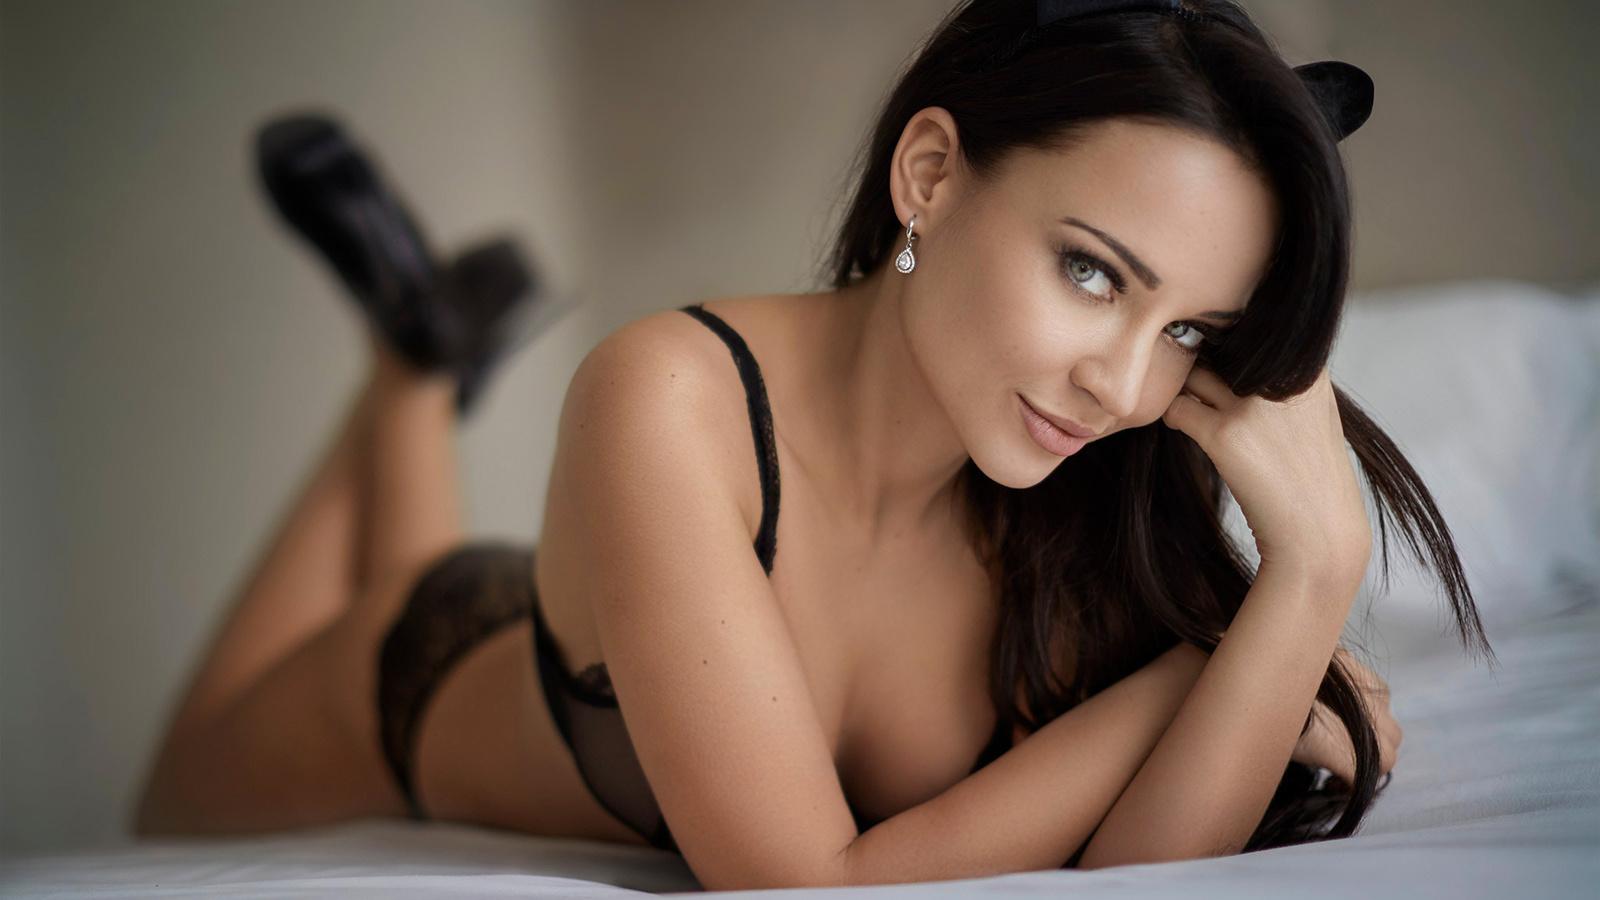 Русская красотка ангелина, Русское порно с Анжелика - смотреть онлайн бесплатно 28 фотография